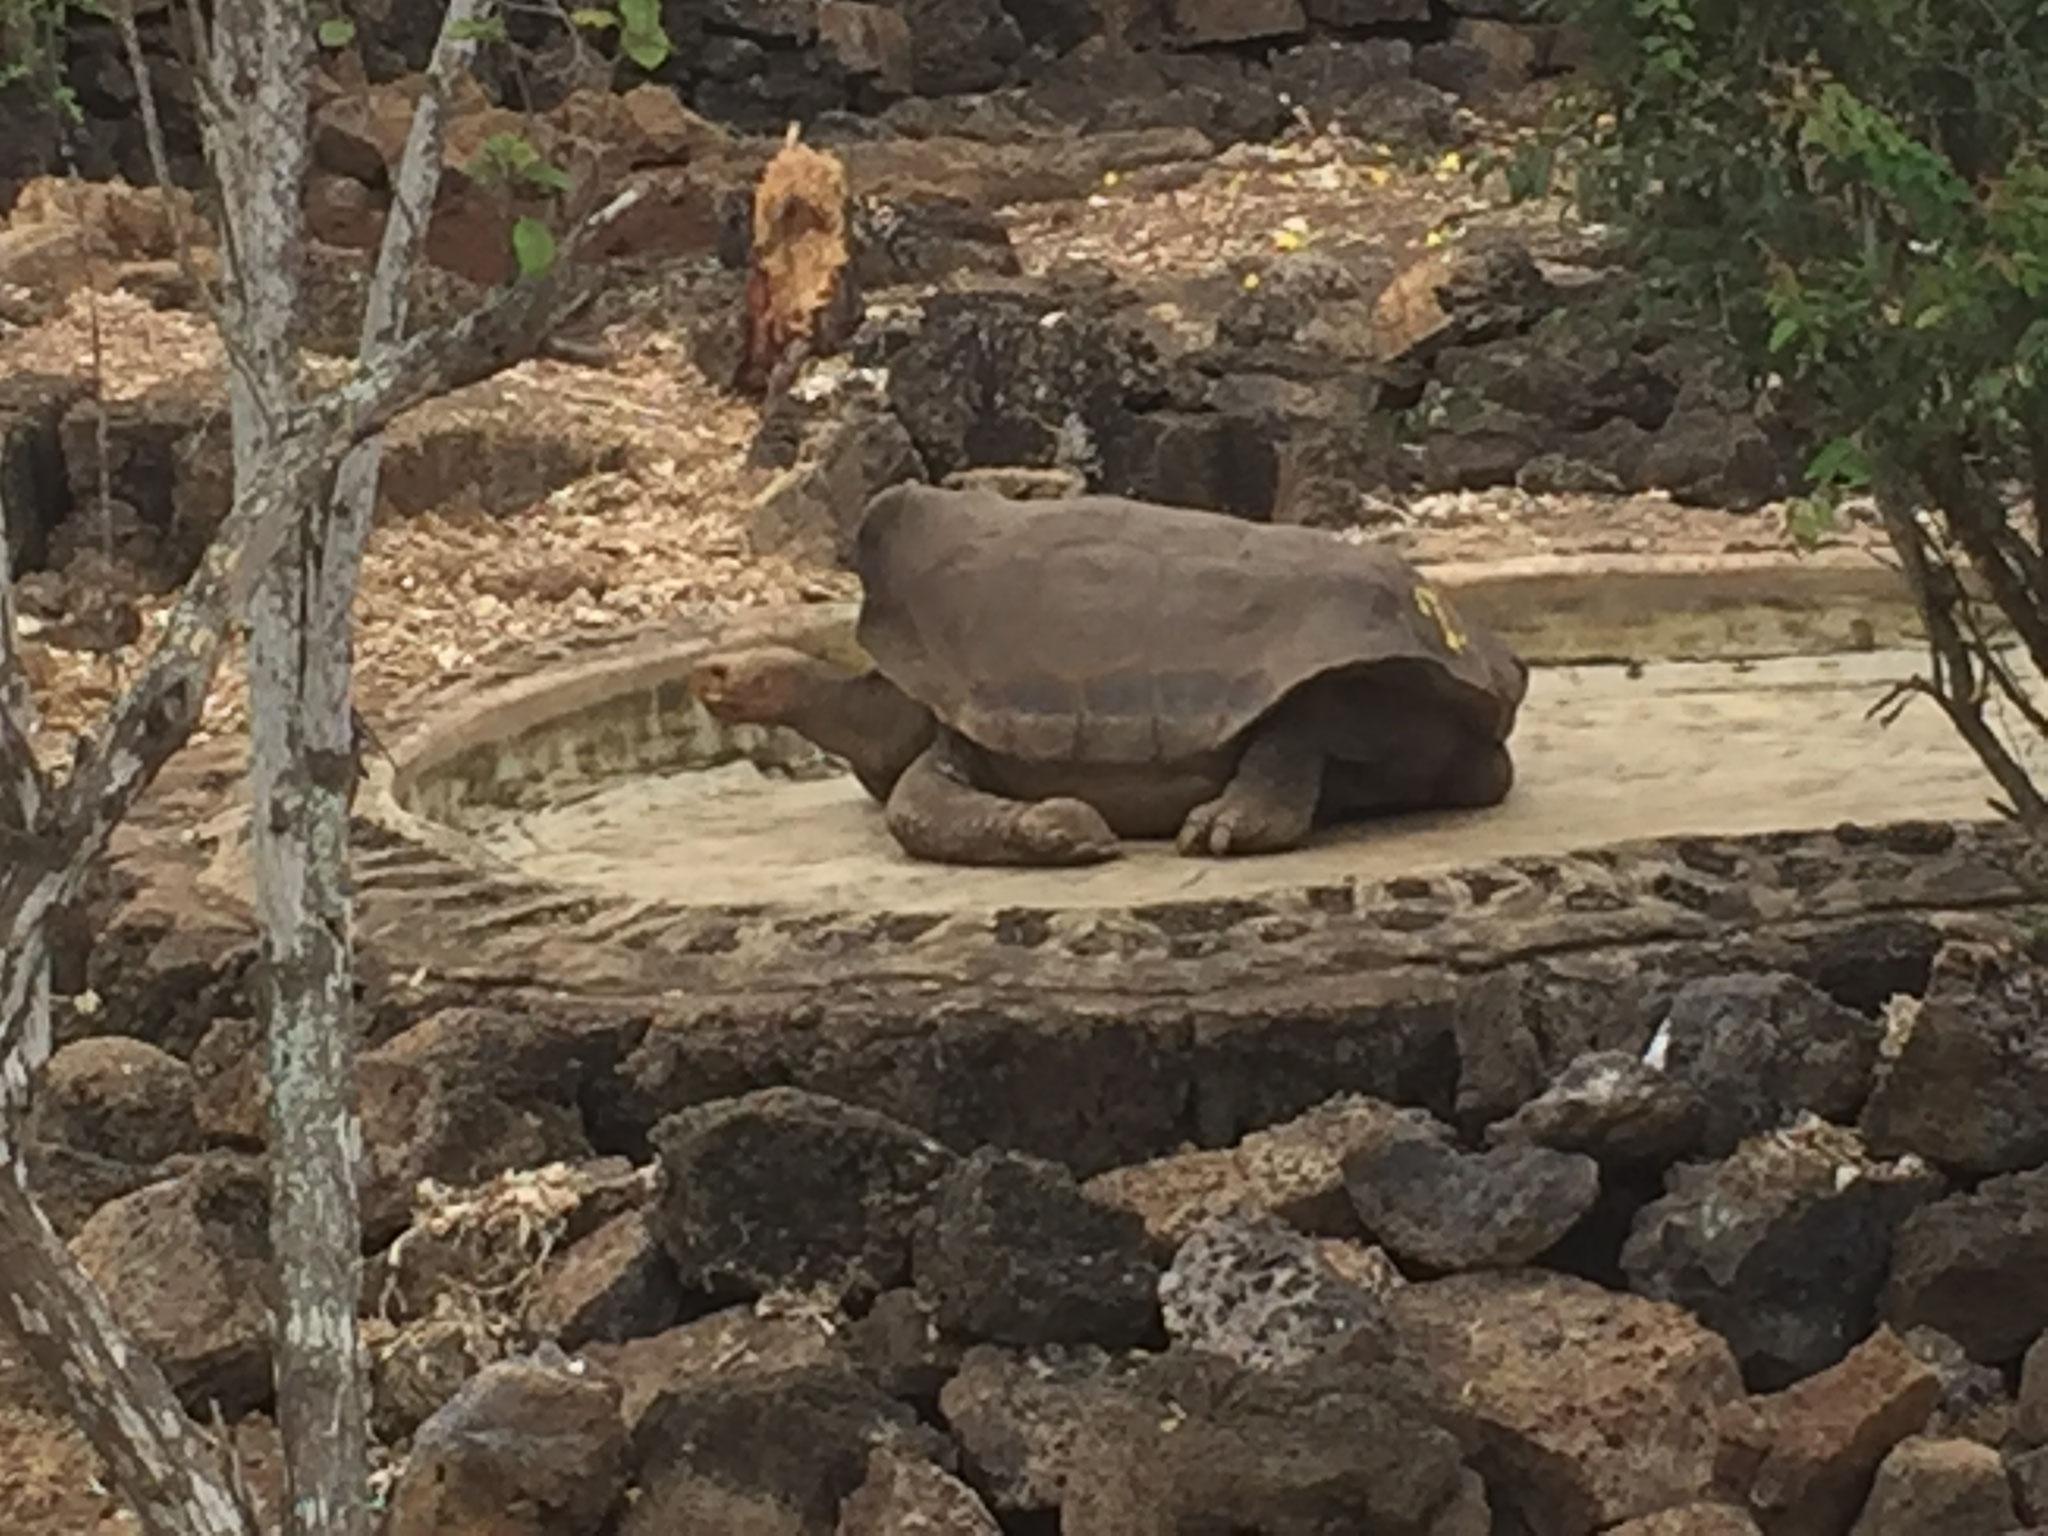 Saddelback Schildkröte